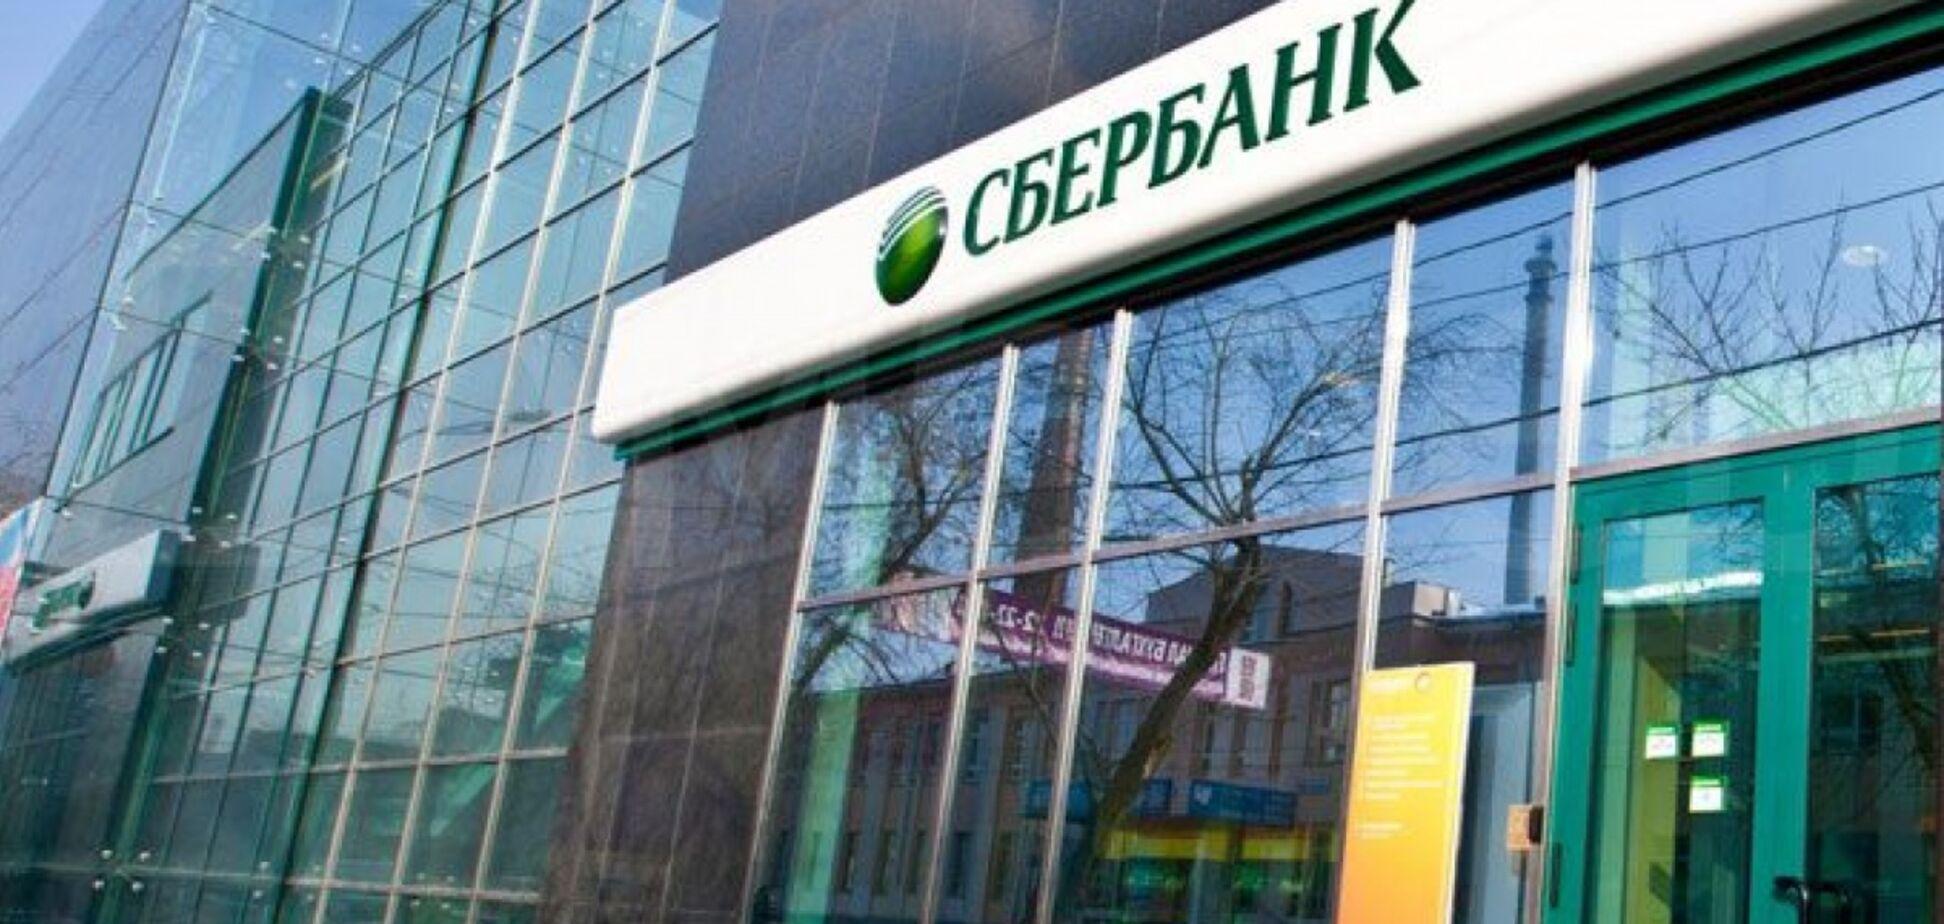 'Навчається кожен день': в найбільшому банку РФ співробітникам знайшли заміну